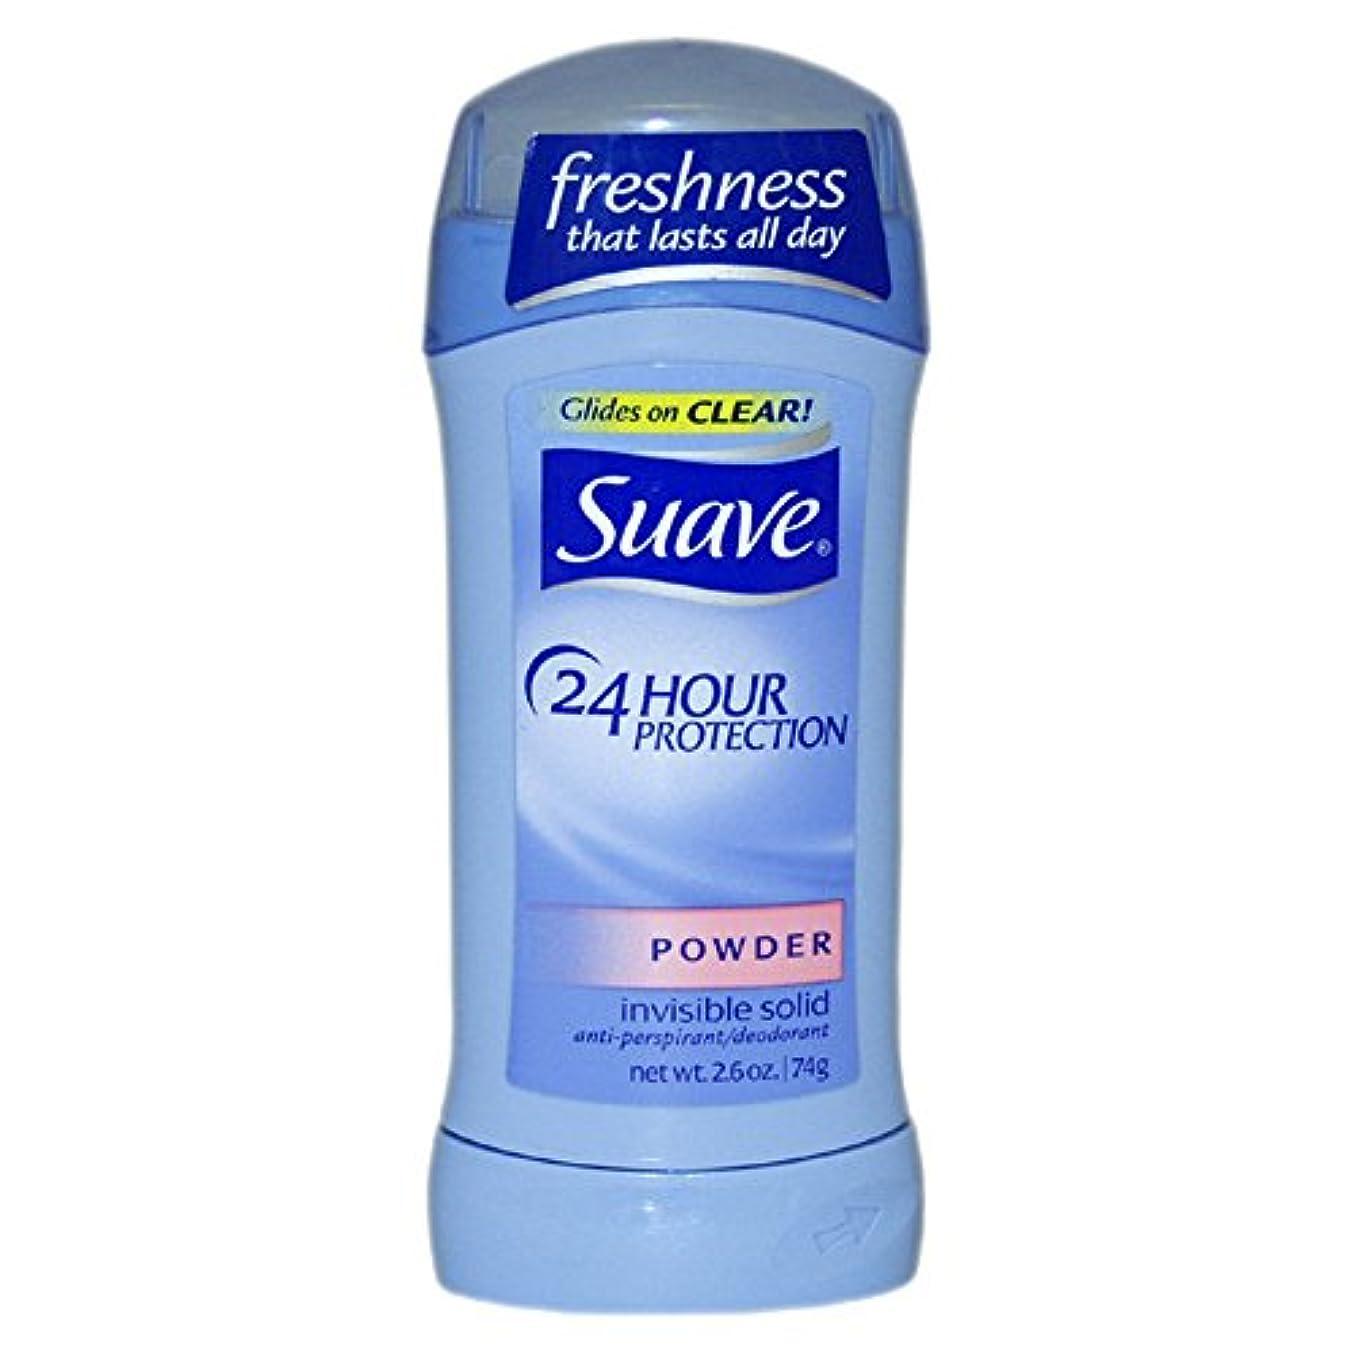 付与オープナー汚染スアーブ(Suave) 固形デオドラント スティック パウダーの香り 74g 2.6oz [並行輸入品]